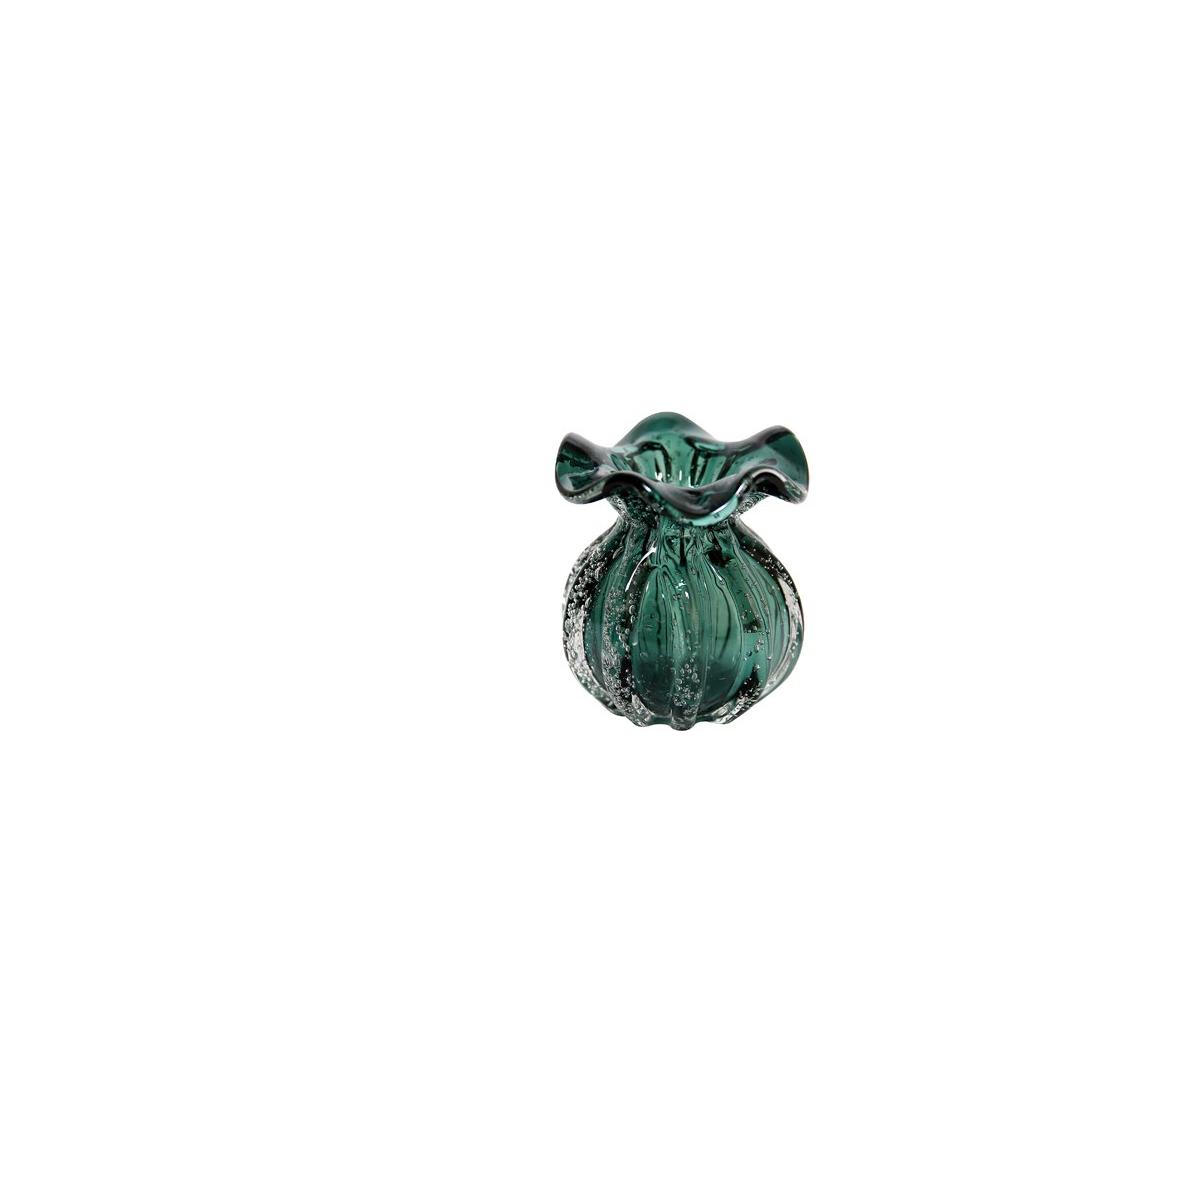 Vaso Italy de Vidro Verde Esmeralda